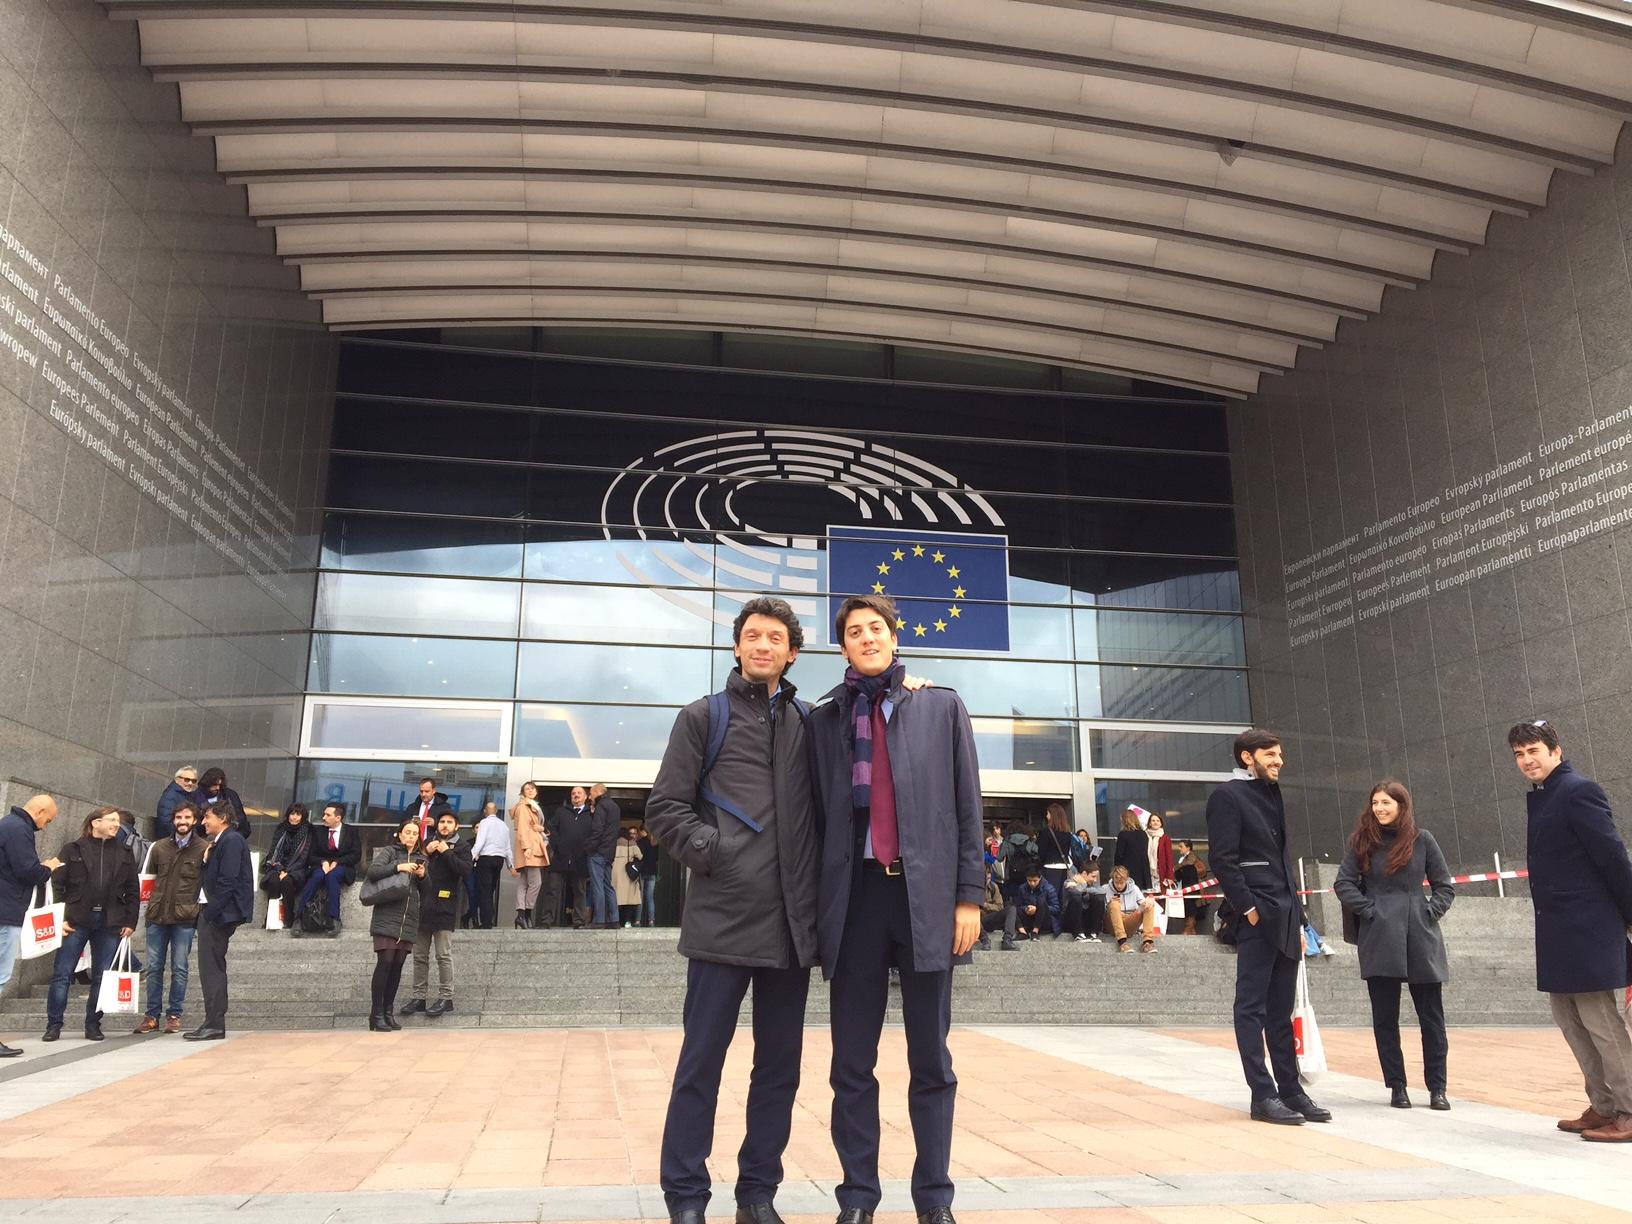 Abbiamo portato le Monteverdiane 2017 al Parlamento Europeo: lavoriamo su bandi e sinergie